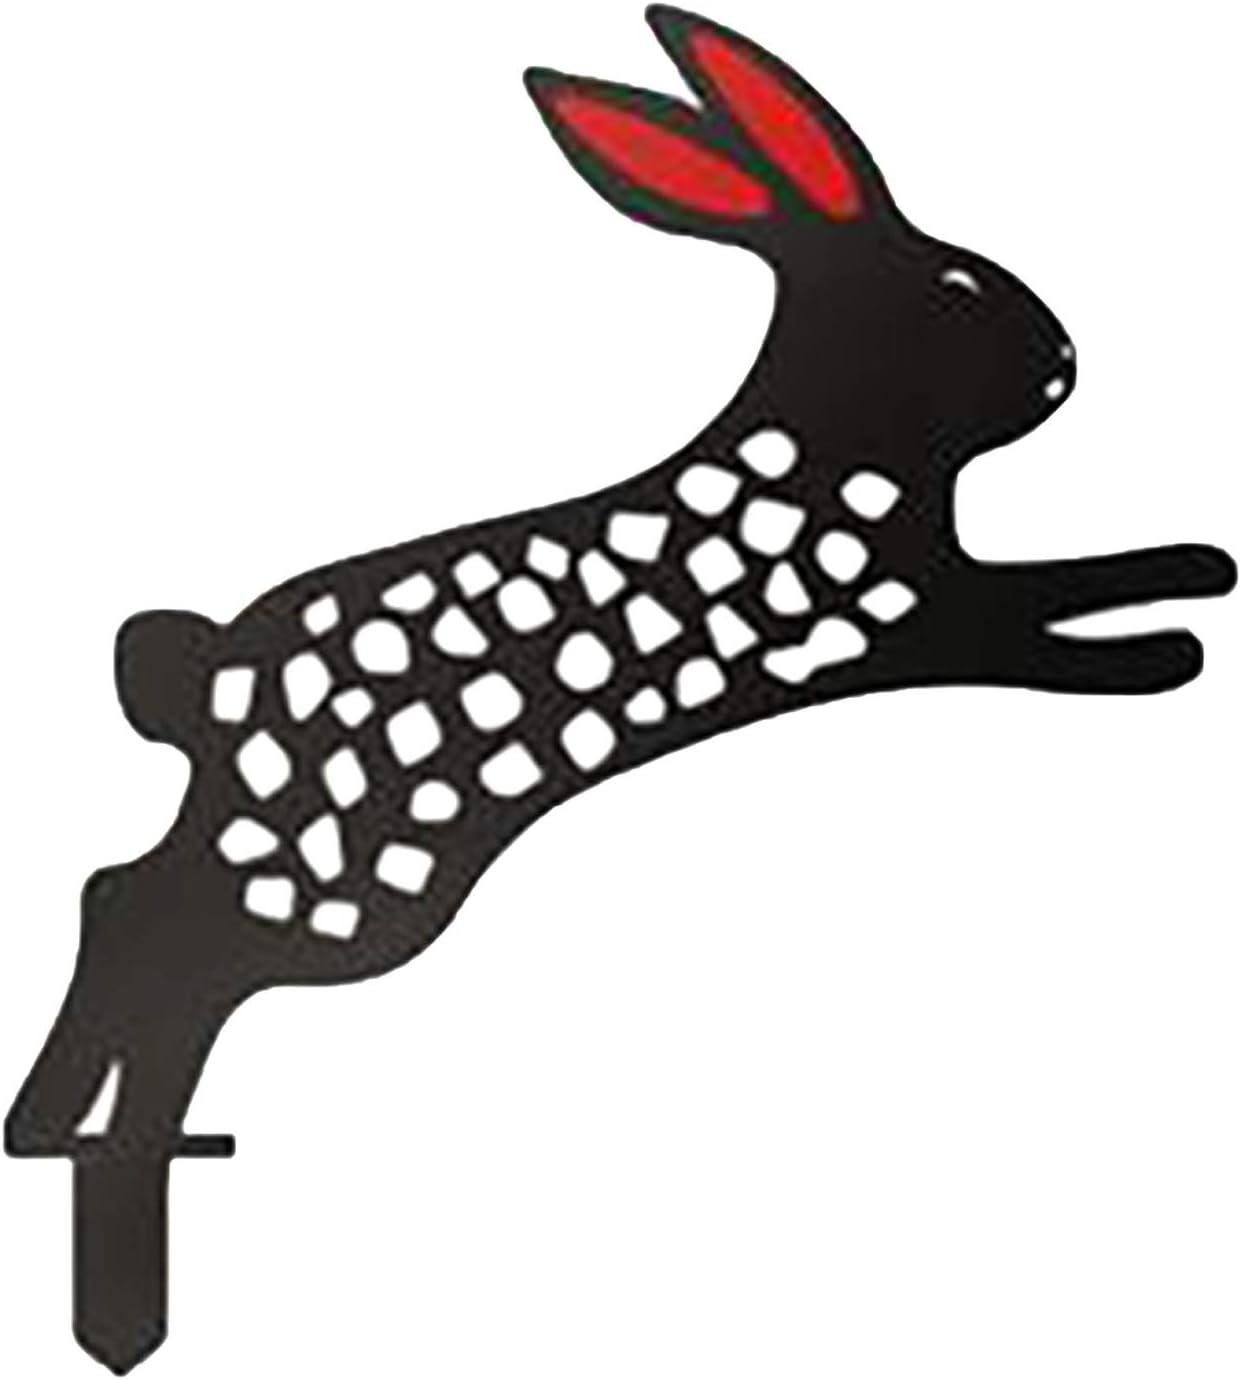 decoraci/ón de conejo exterior Conejo yard Art exterior jard/ín c/ésped estacas de metal decoraci/ón conejo patio yard paisaje BK01 XeinGanpre